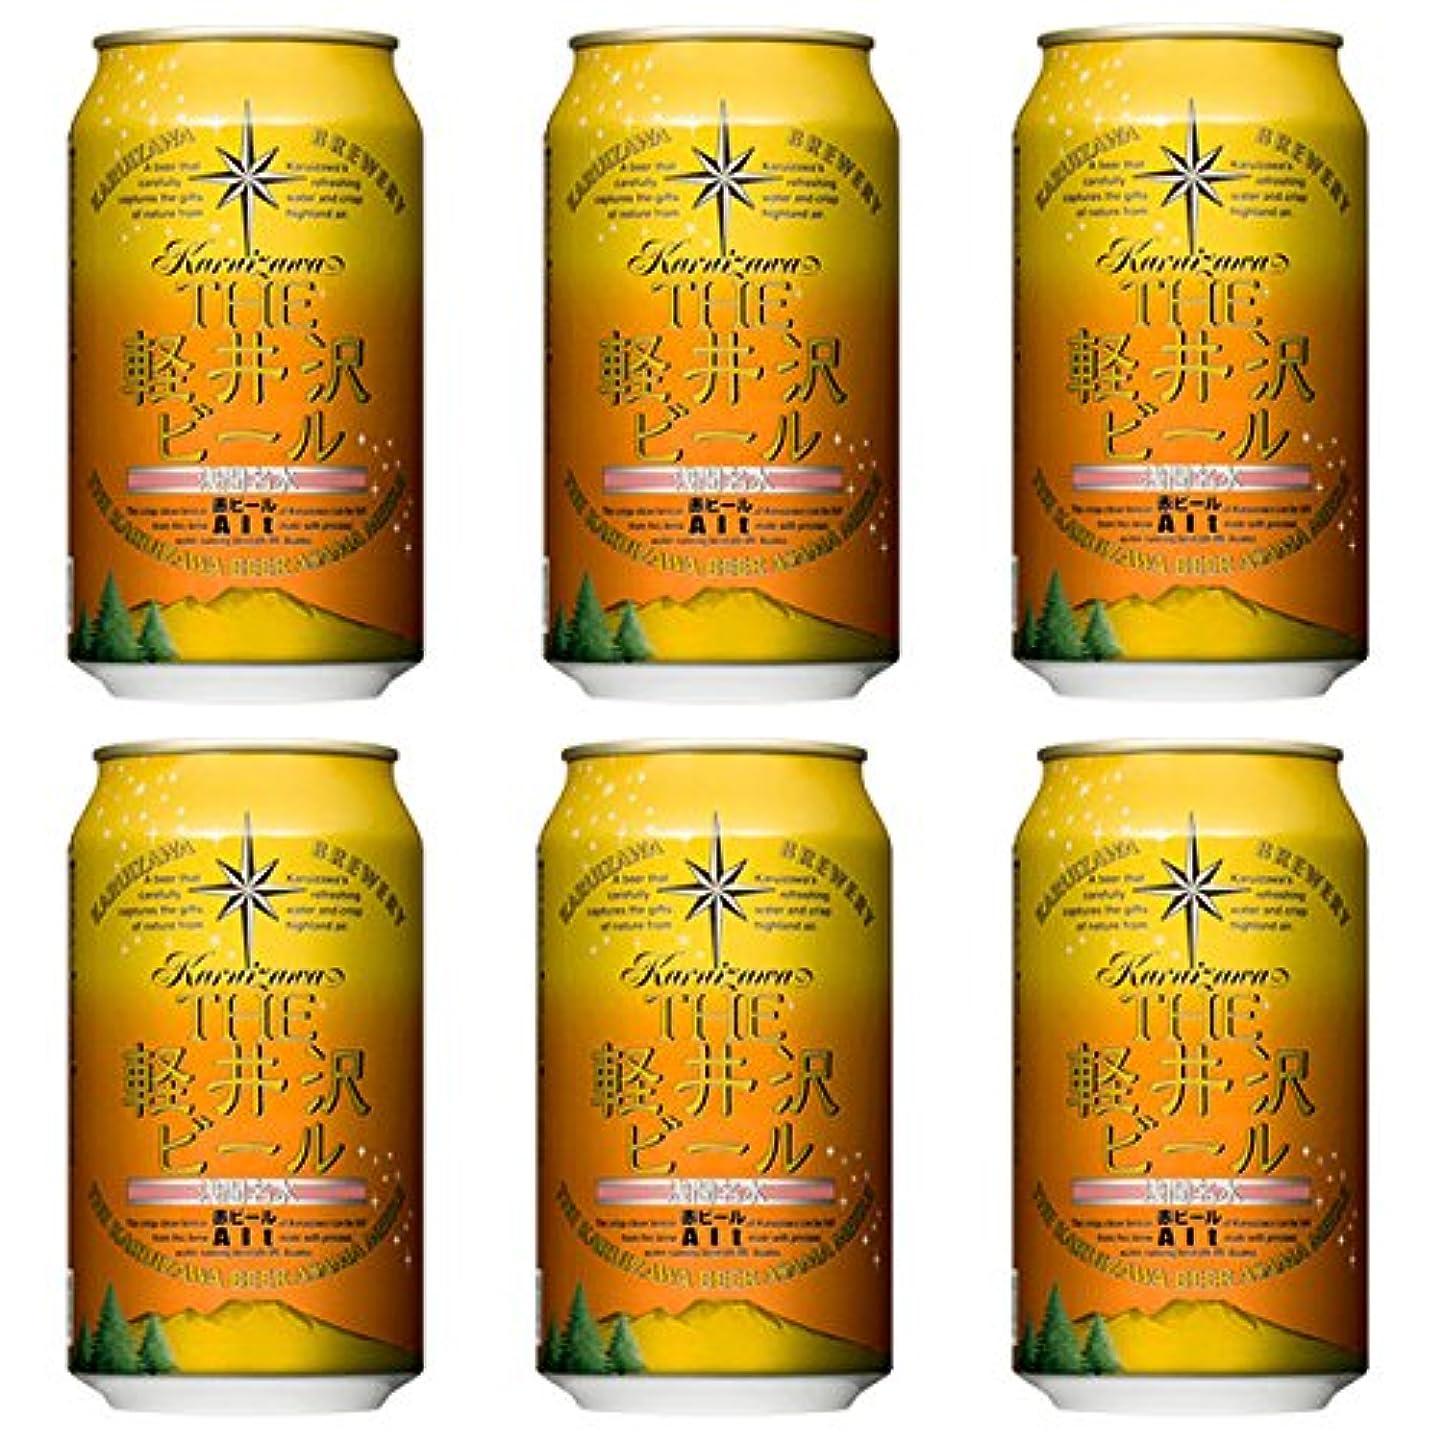 雄弁風邪をひくキュービックTHE軽井沢ビール 軽井沢ビール 赤ビール(アルト) 350ml×6缶セット